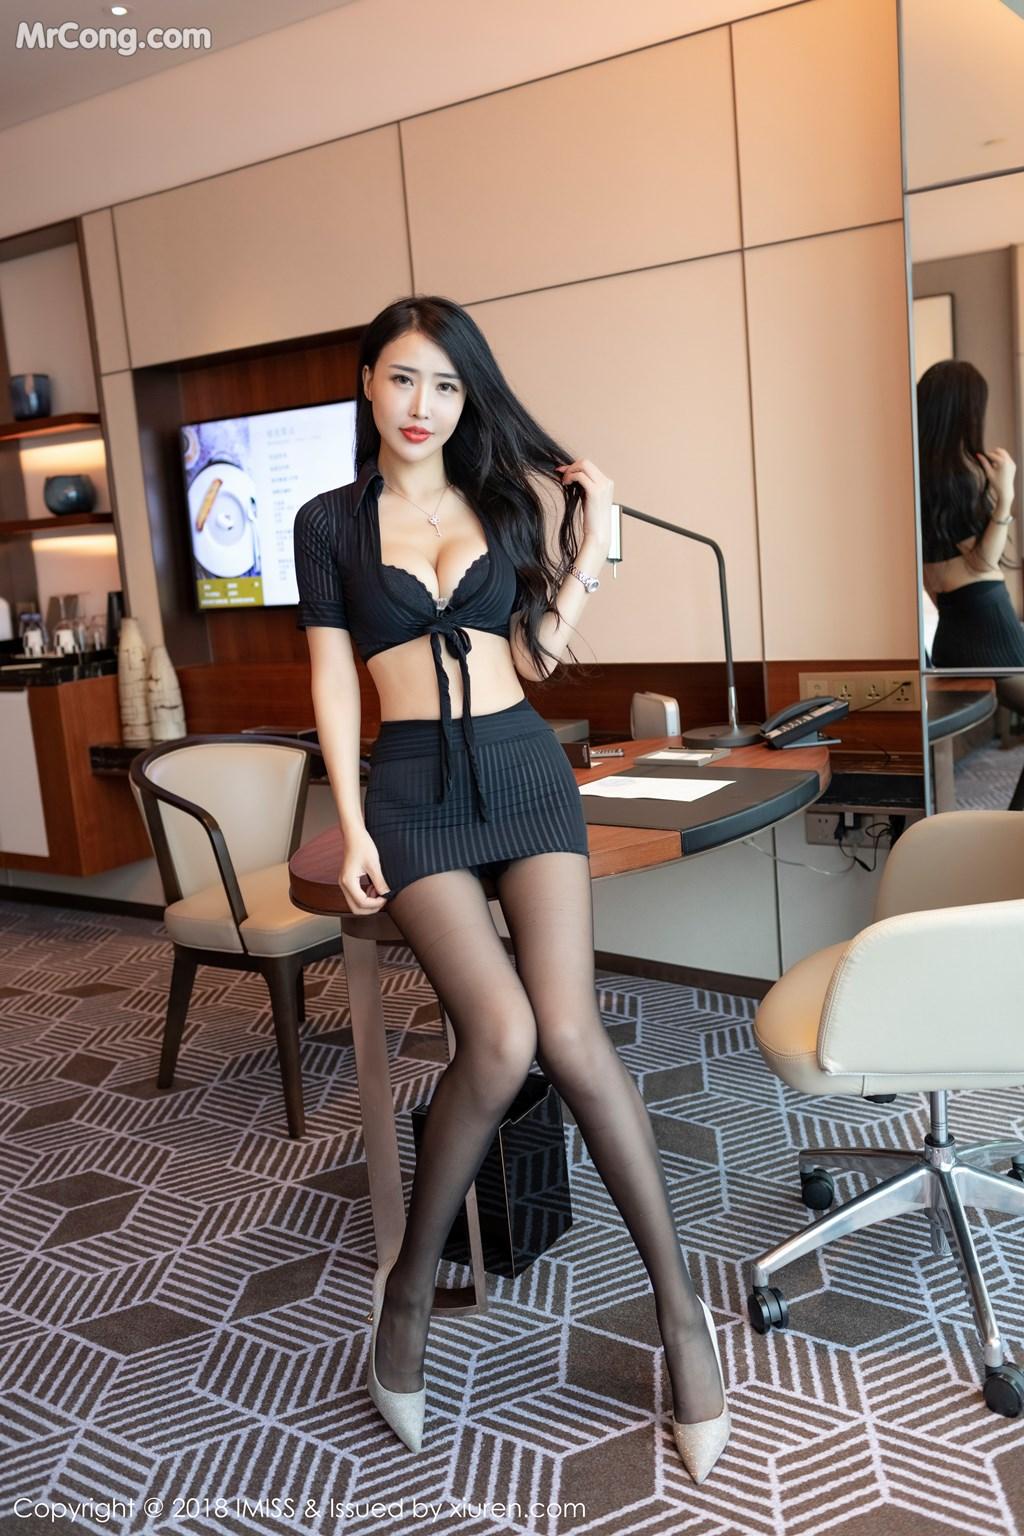 Image IMISS-Vol.305-Yu-Gong-Zhu-MrCong.com-001 in post IMISS Vol.305: Người mẫu Yu Gong Zhu (俞公主) (40 ảnh)